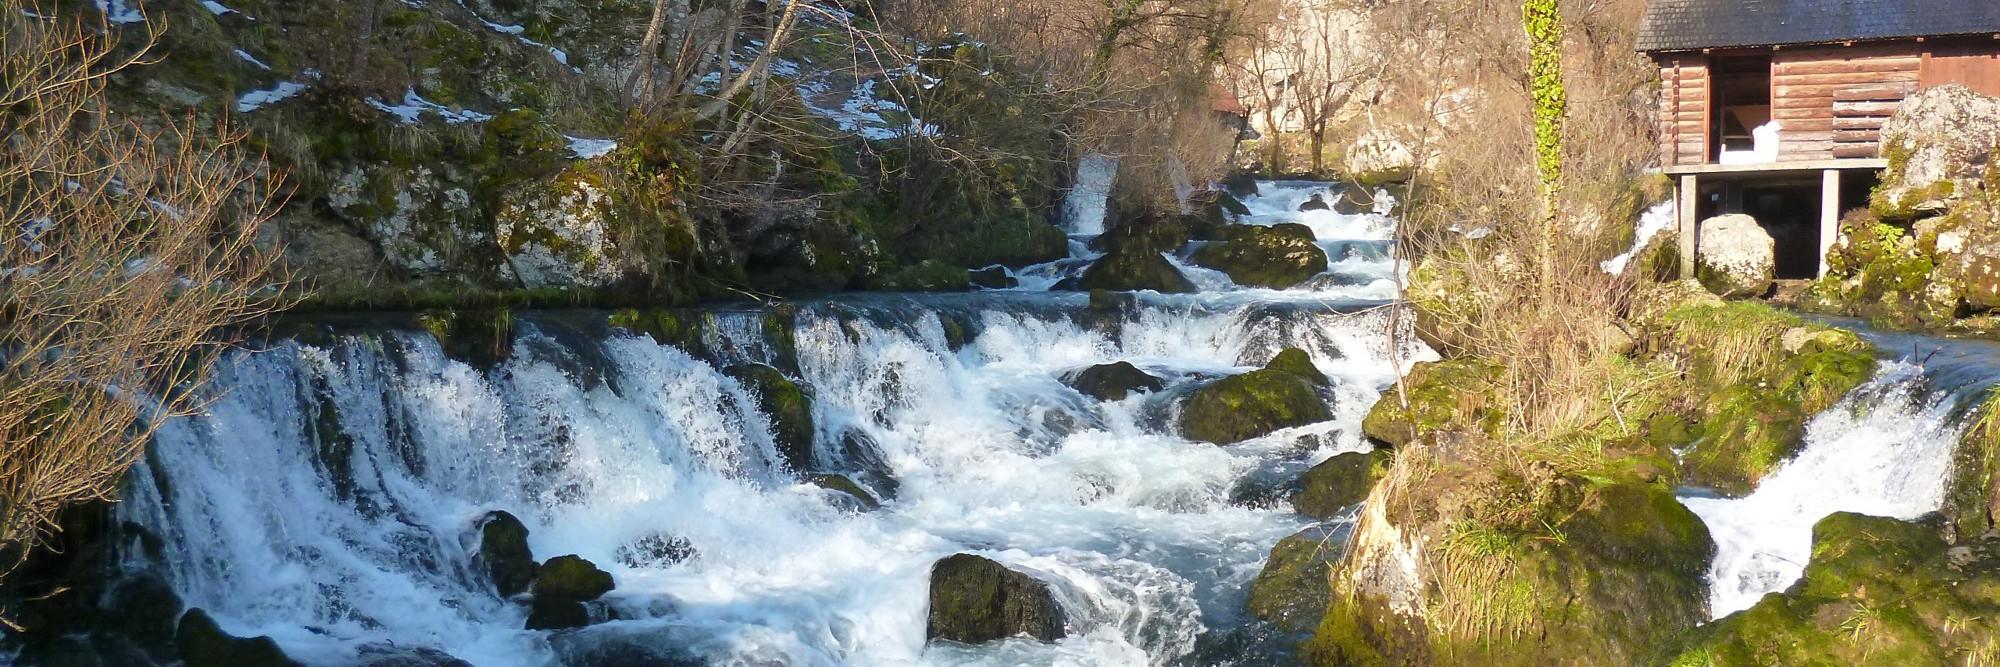 Водопады и мельницы на реке Крупа. Фото: Елена Арсениевич, CC BY-SA 3.0